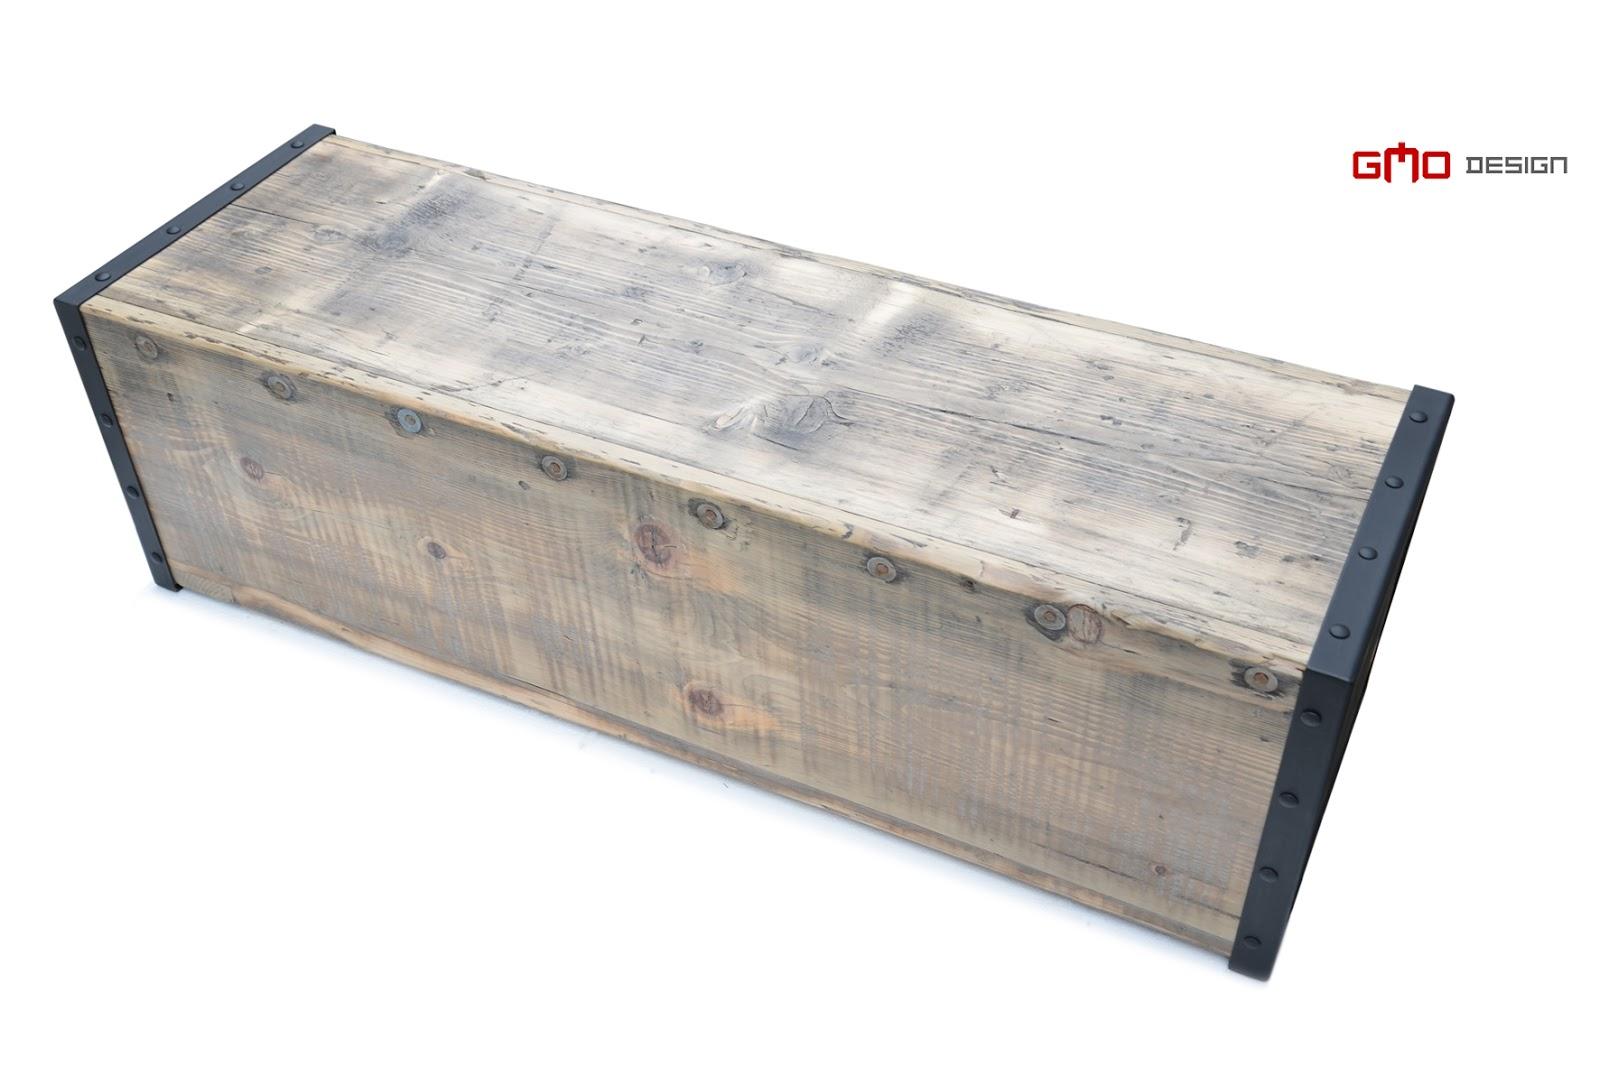 meble z łódek flisackich, meble ze starego drewna, GMO Design